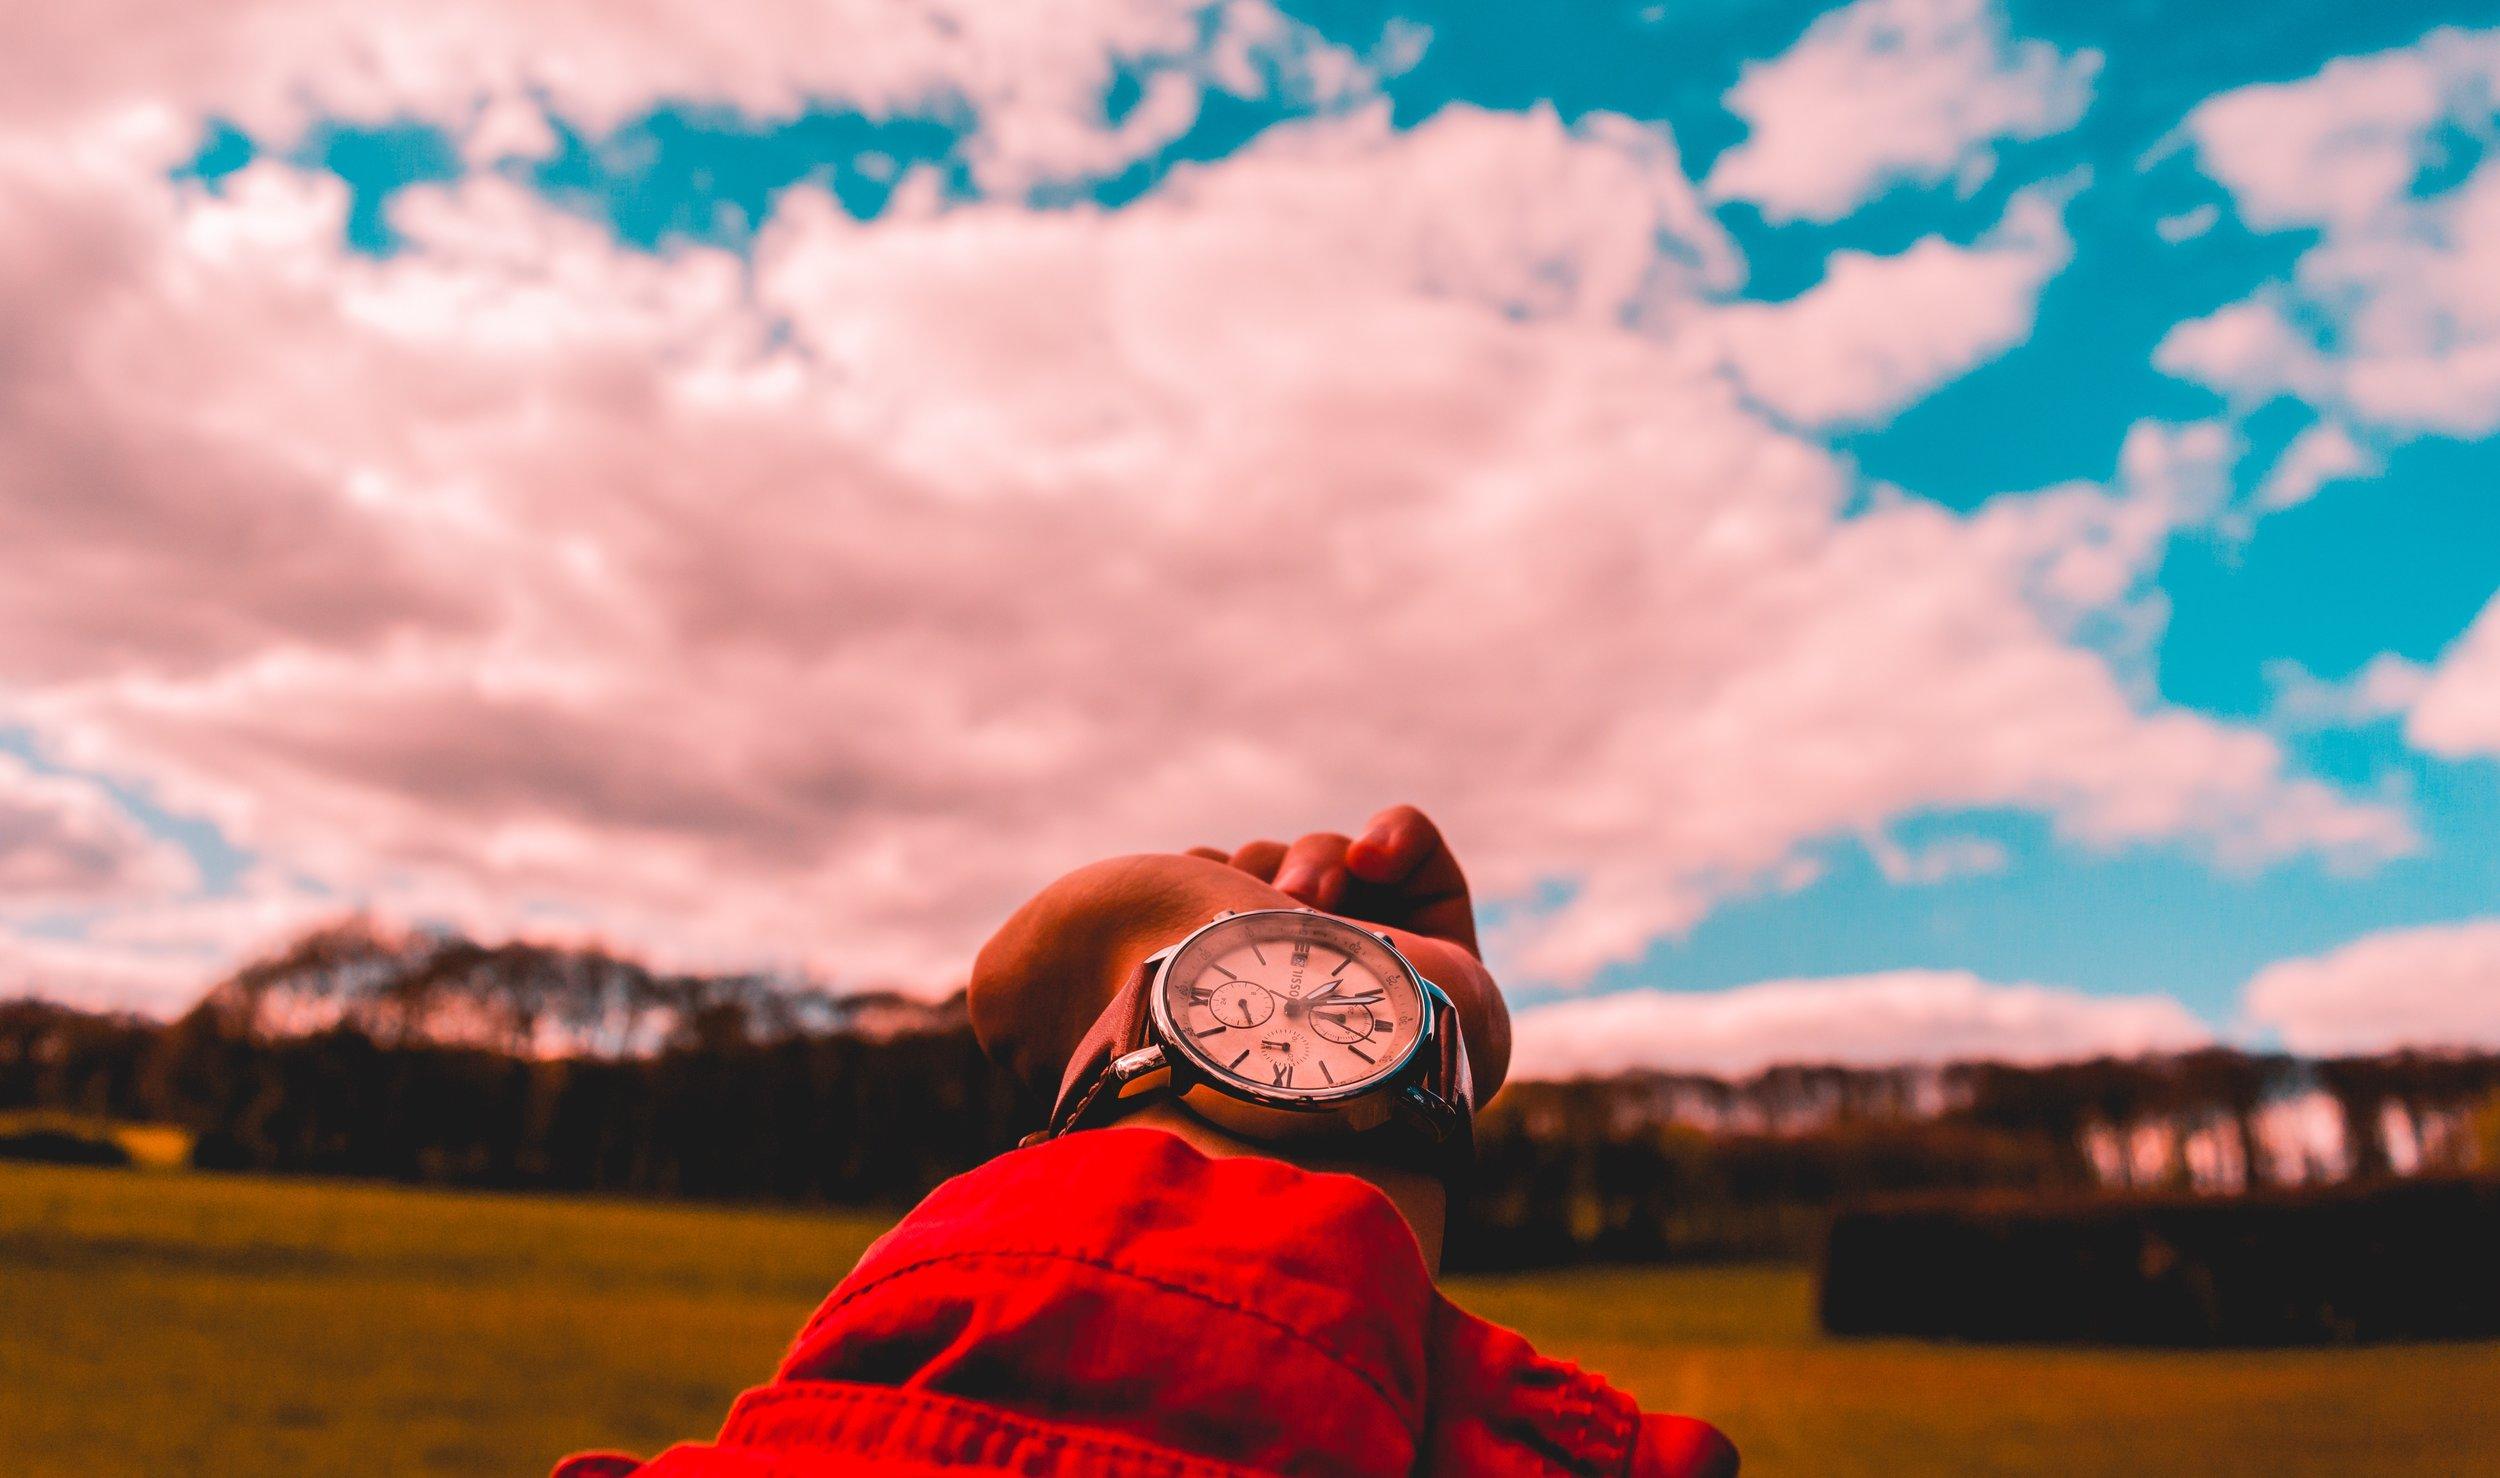 blur-clouds-dawn-547766.jpg